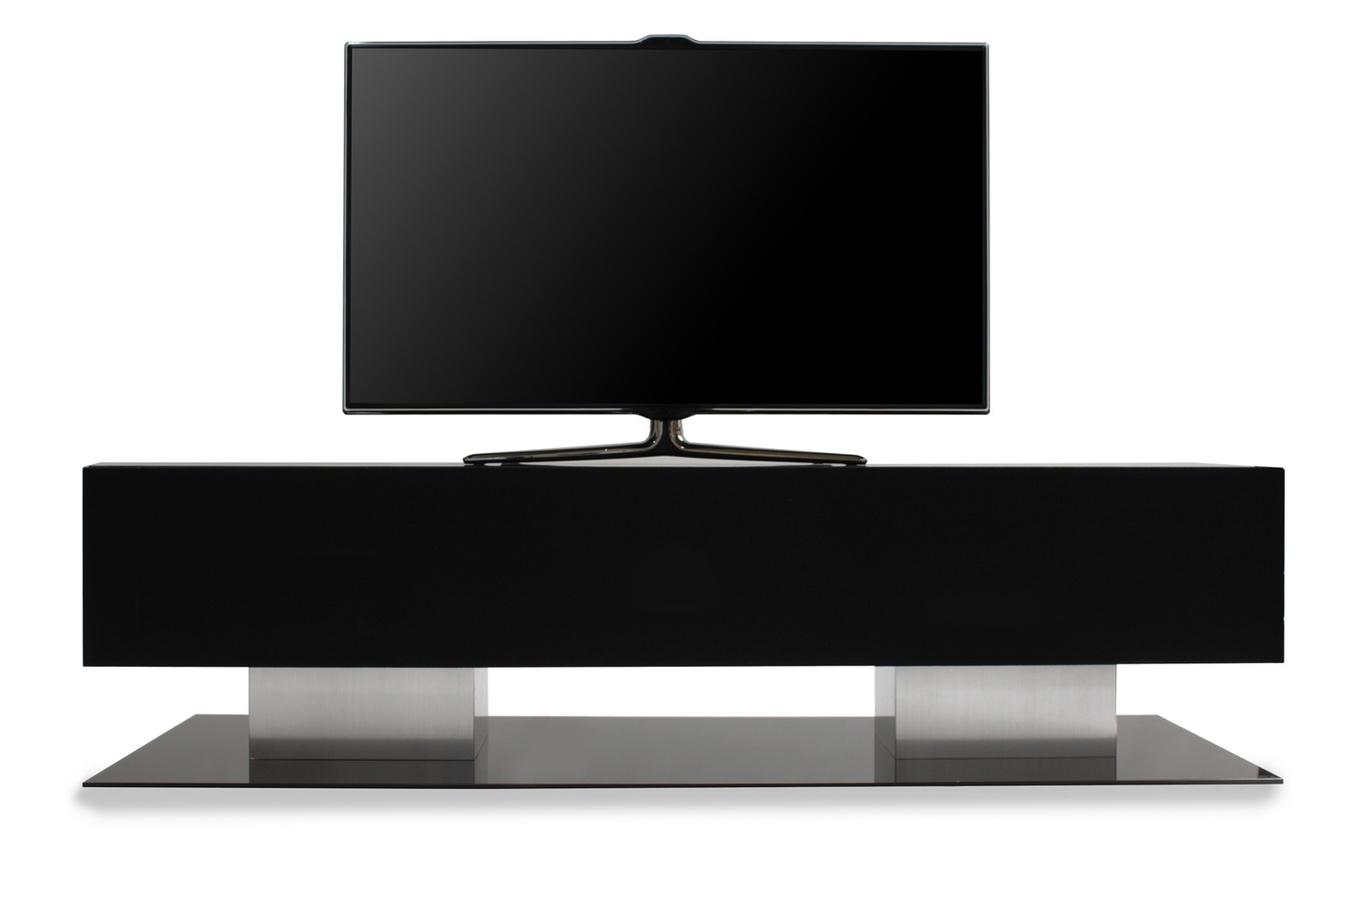 meuble tv norstone maison et mobilier d 39 int rieur. Black Bedroom Furniture Sets. Home Design Ideas